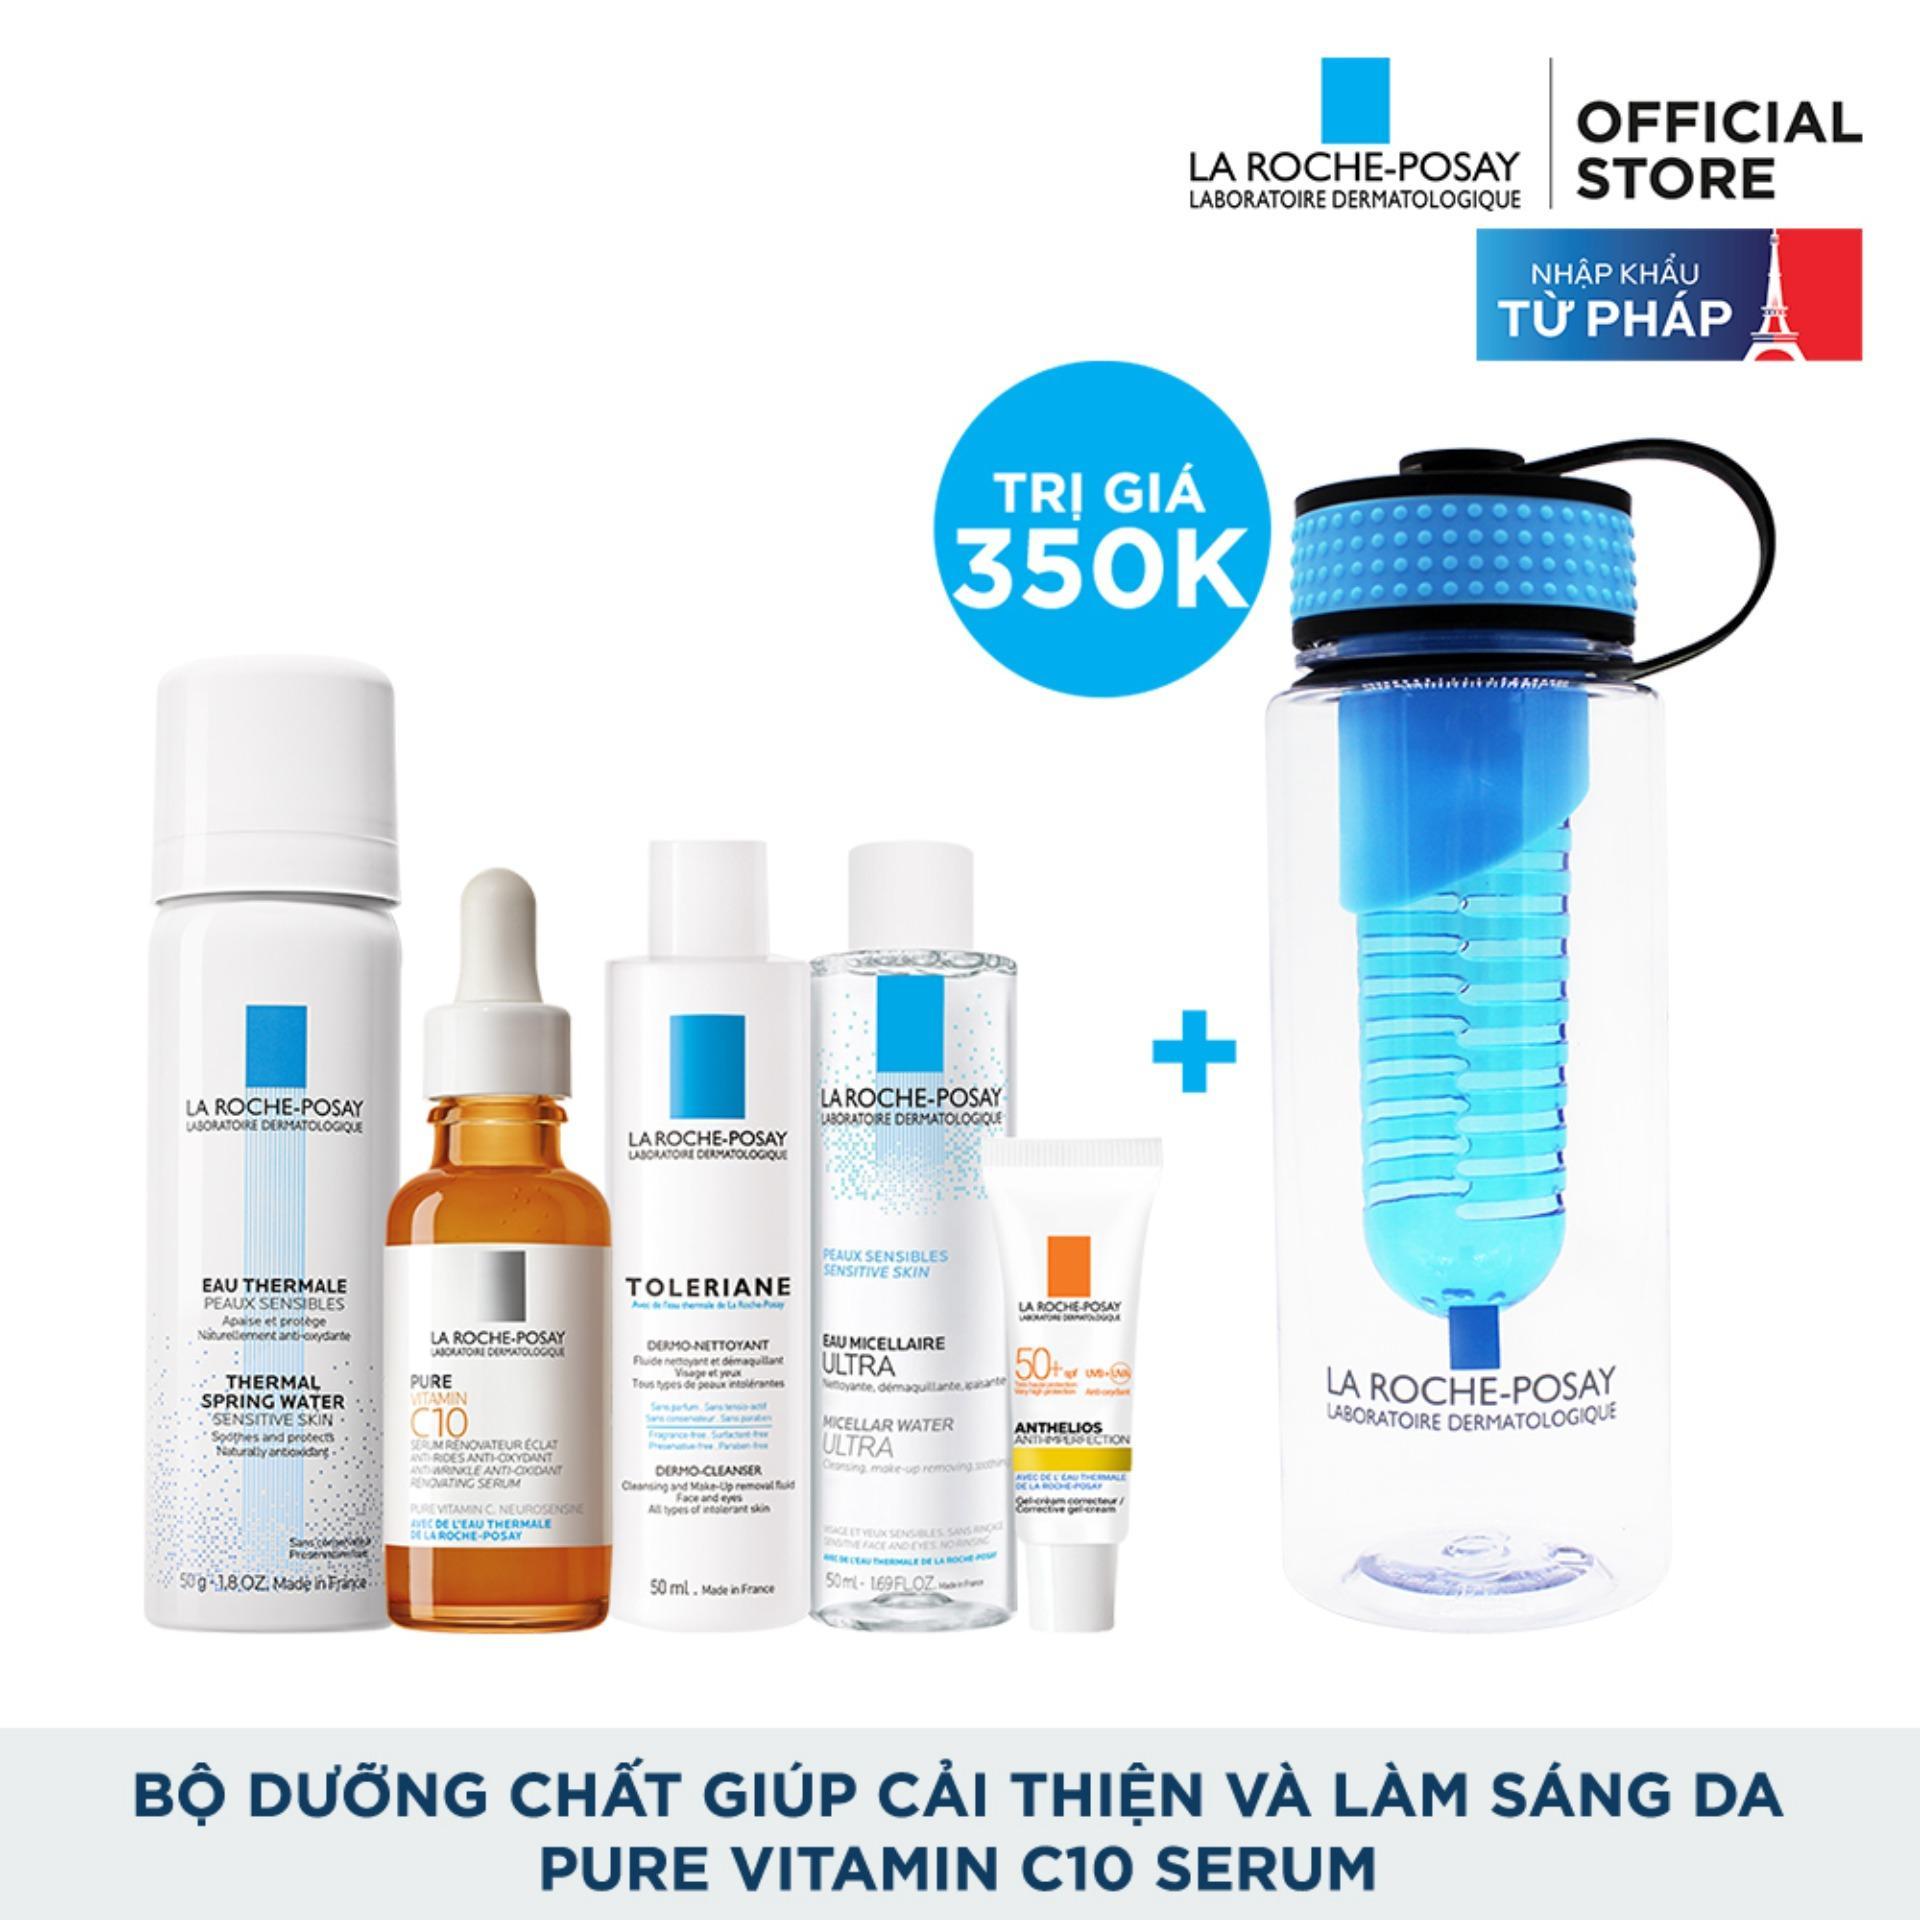 Coupon Khuyến Mại Bộ Dưỡng Chất Giúp Cải Thiện Và Làm Sáng Da La Roche Posay Pure Vitamin C10 Serum